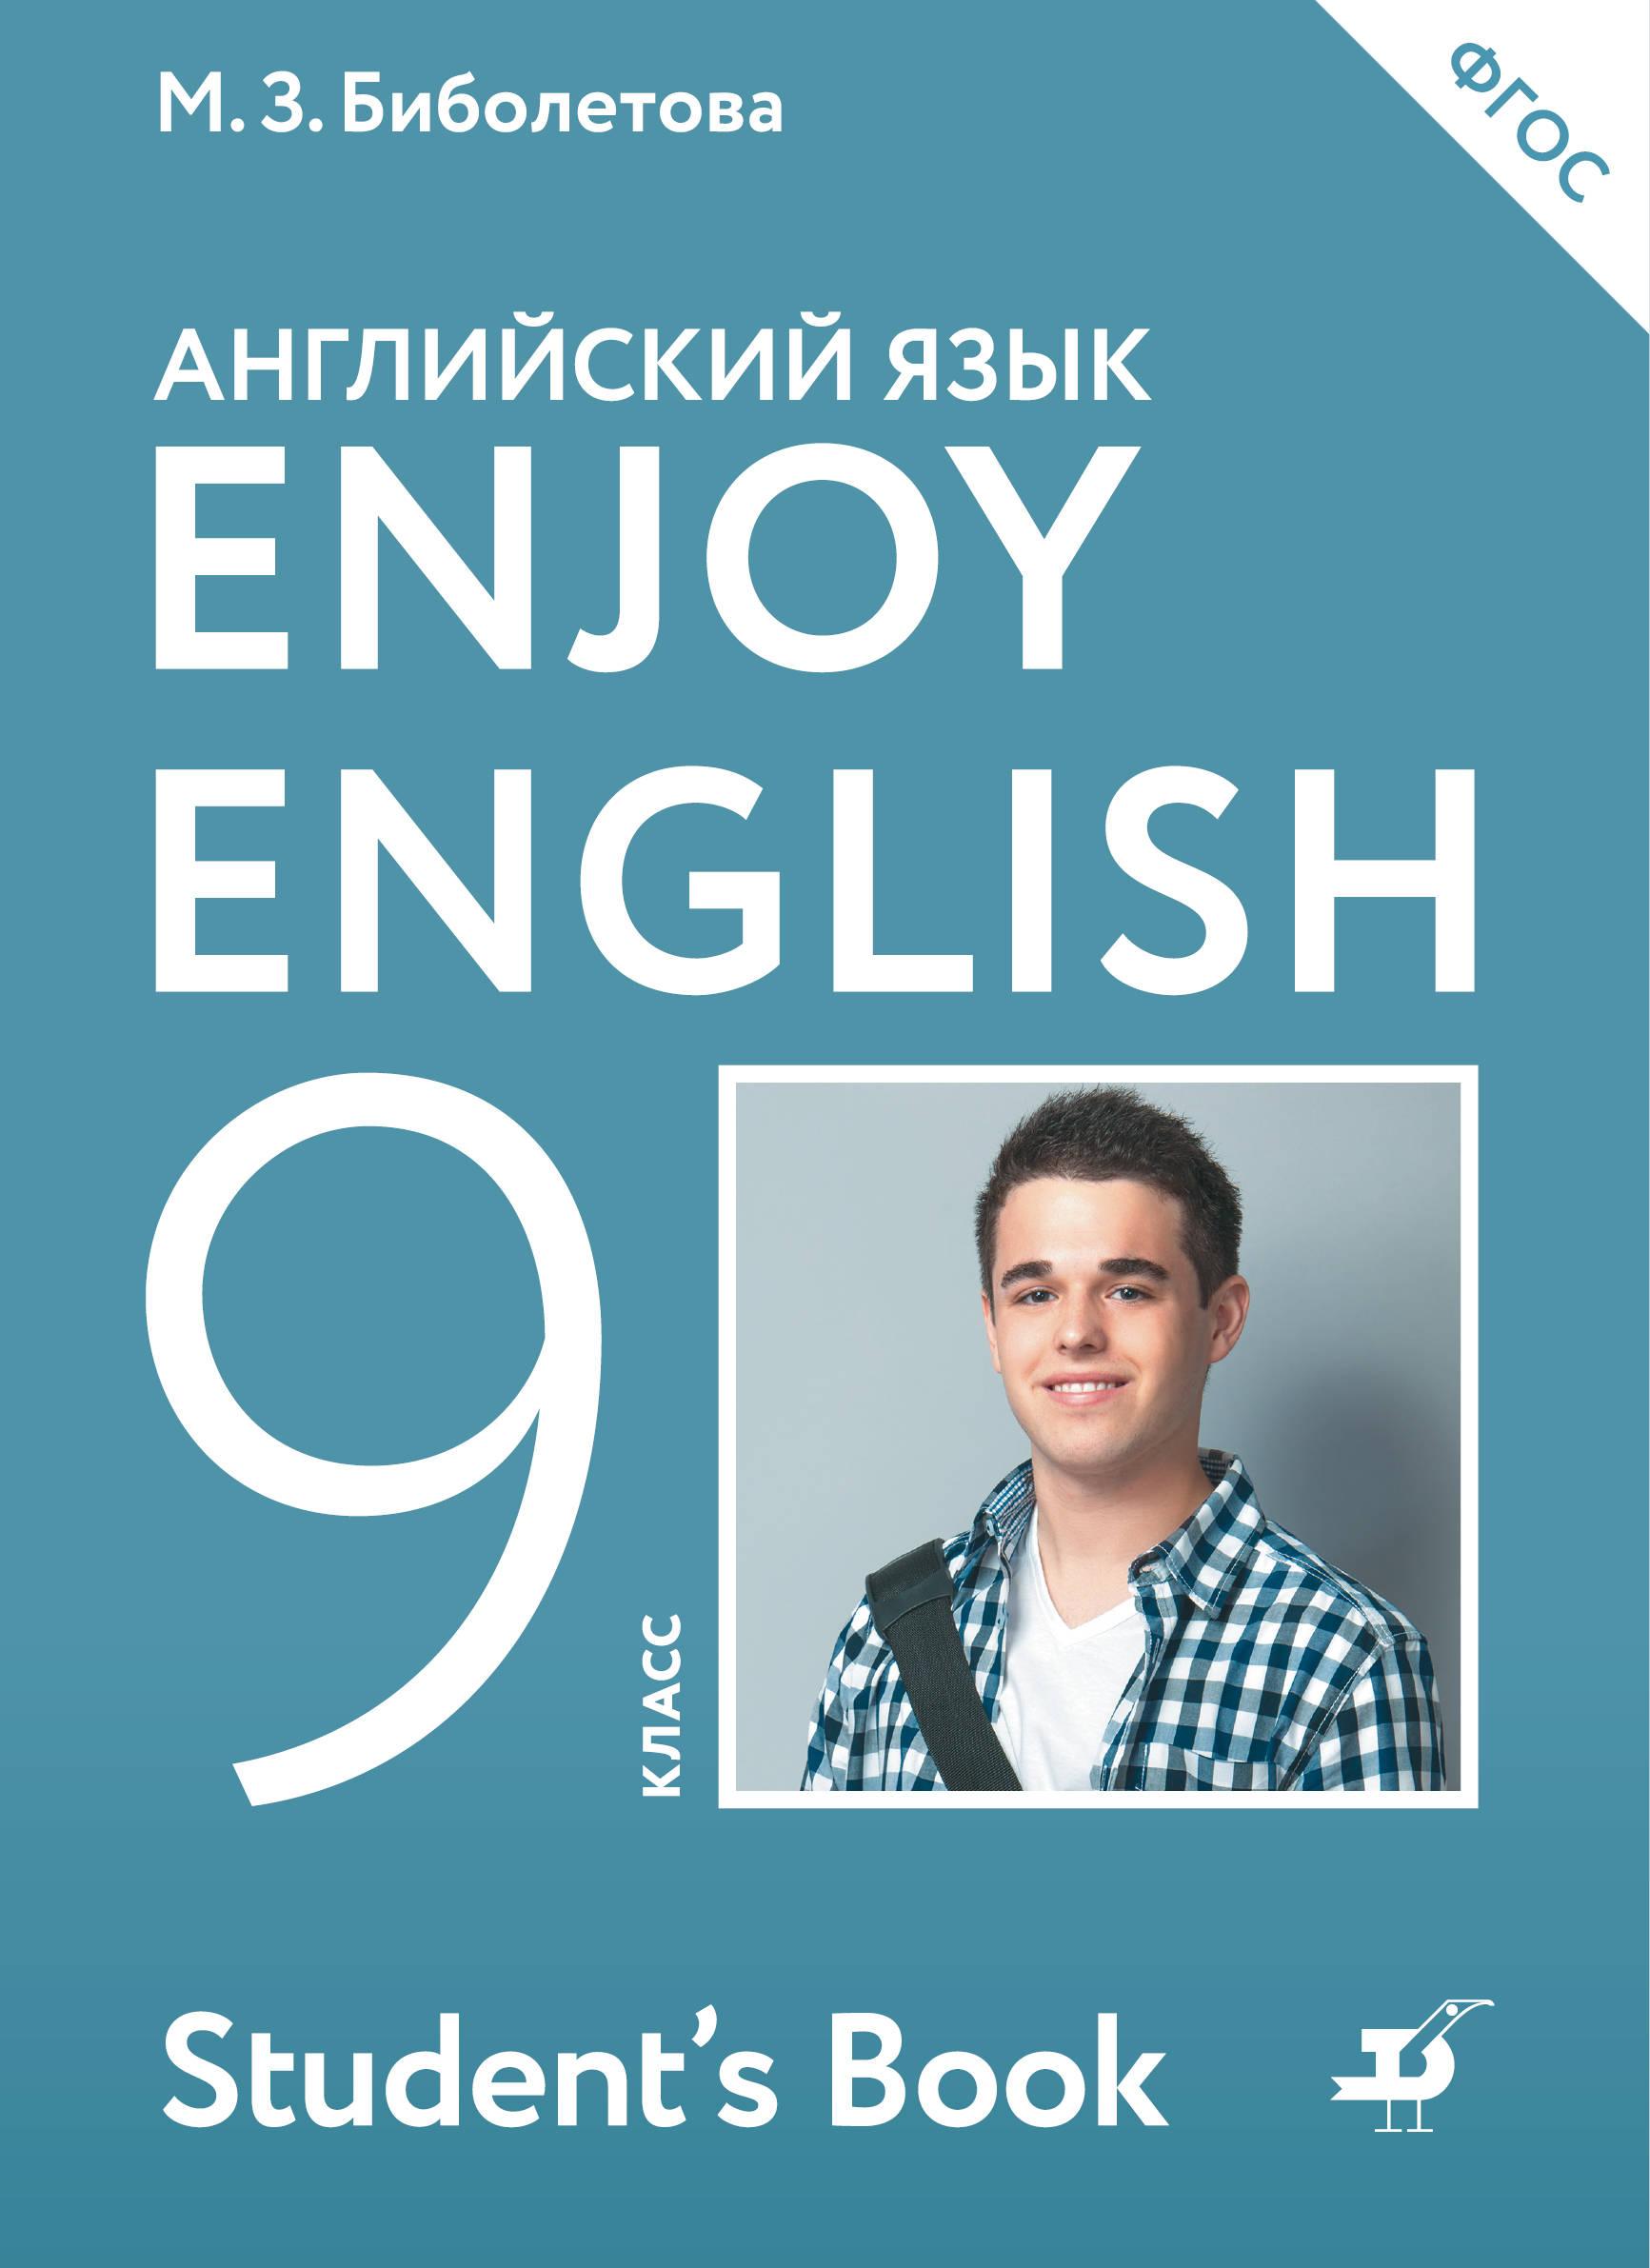 Enjoy English/Английский с удовольствием. 9 класс. Учебник, Биболетова Мерем Забатовна